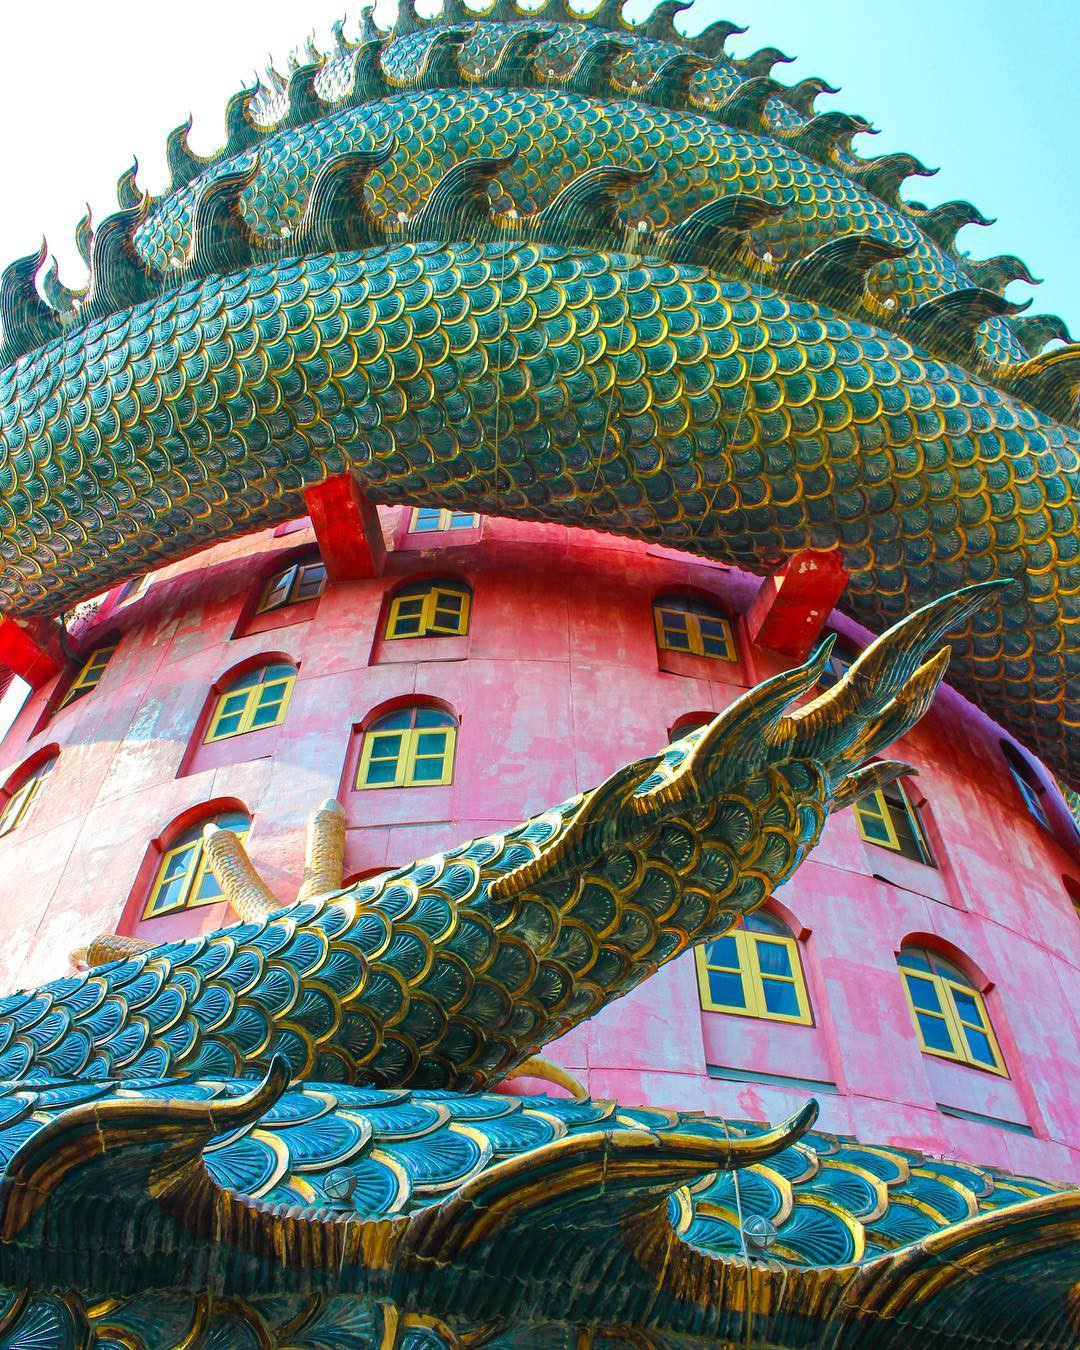 Thoạt nhìn cứ tưởng bối cảnh phim Hollywood nhưng hoá ra ngôi chùa này ở Thái lại hoàn toàn có thật! - Ảnh 7.